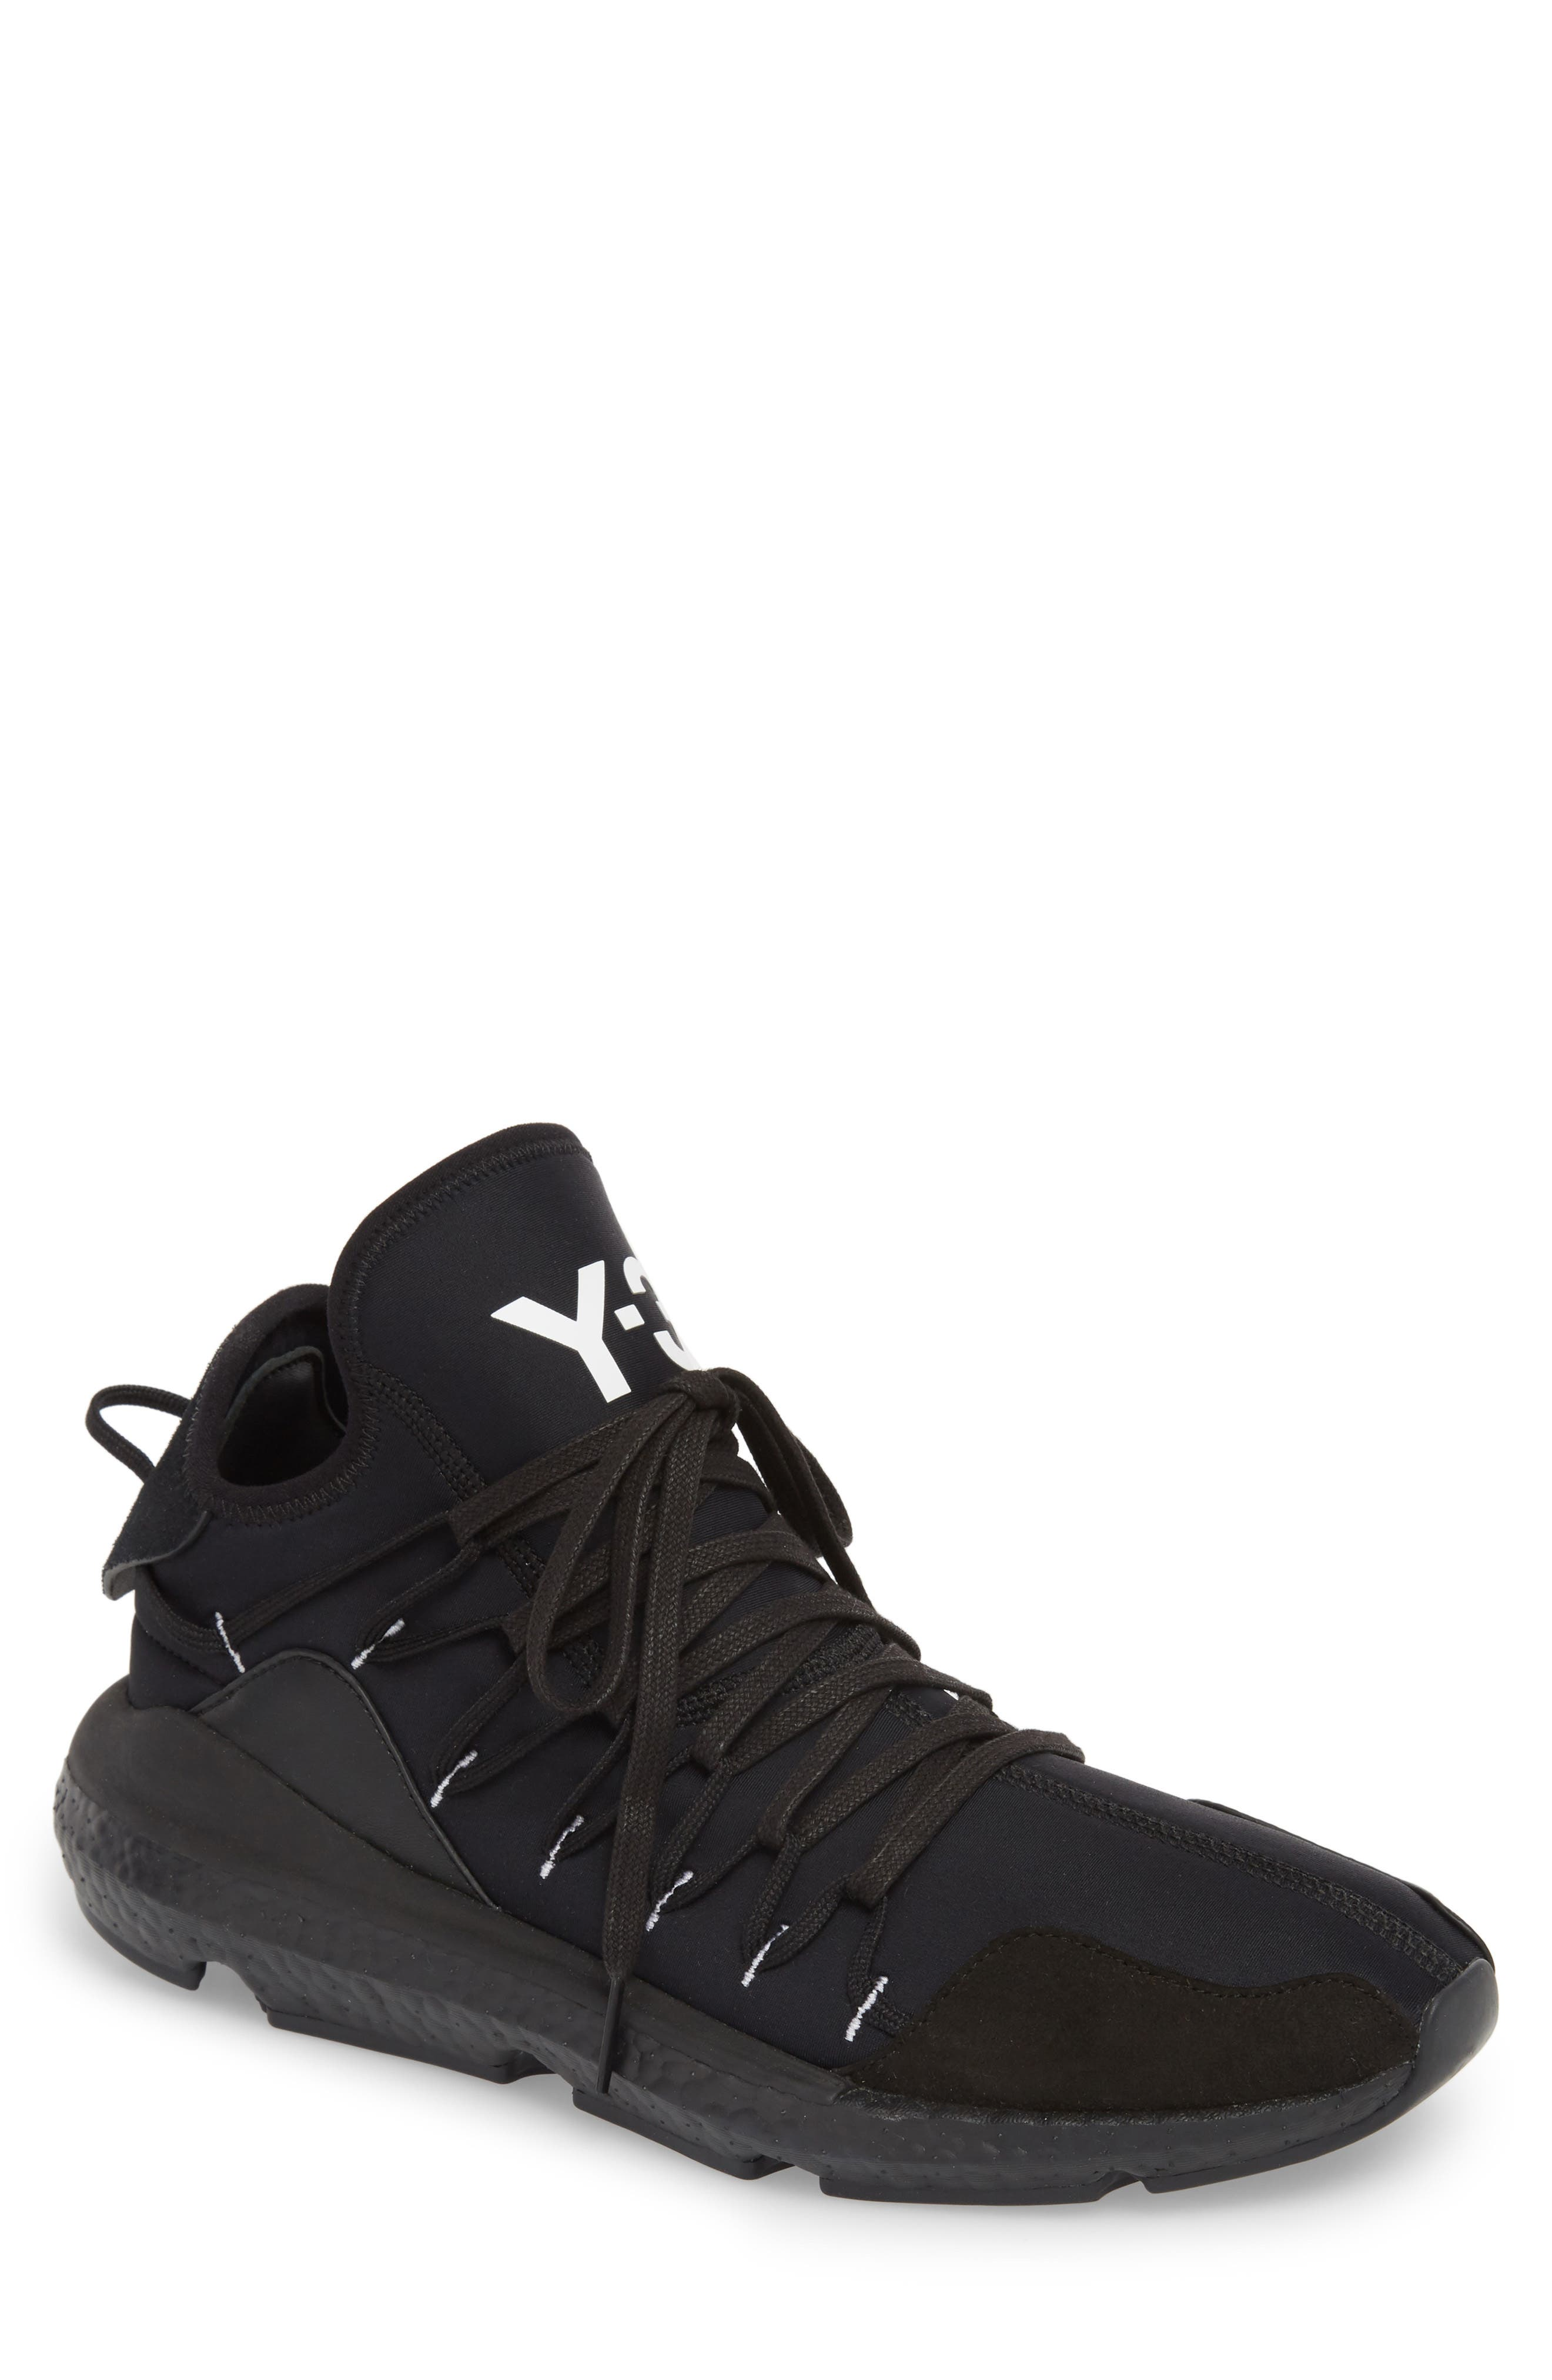 x adidas Kusari Sneaker,                         Main,                         color, BLACK/BLACK